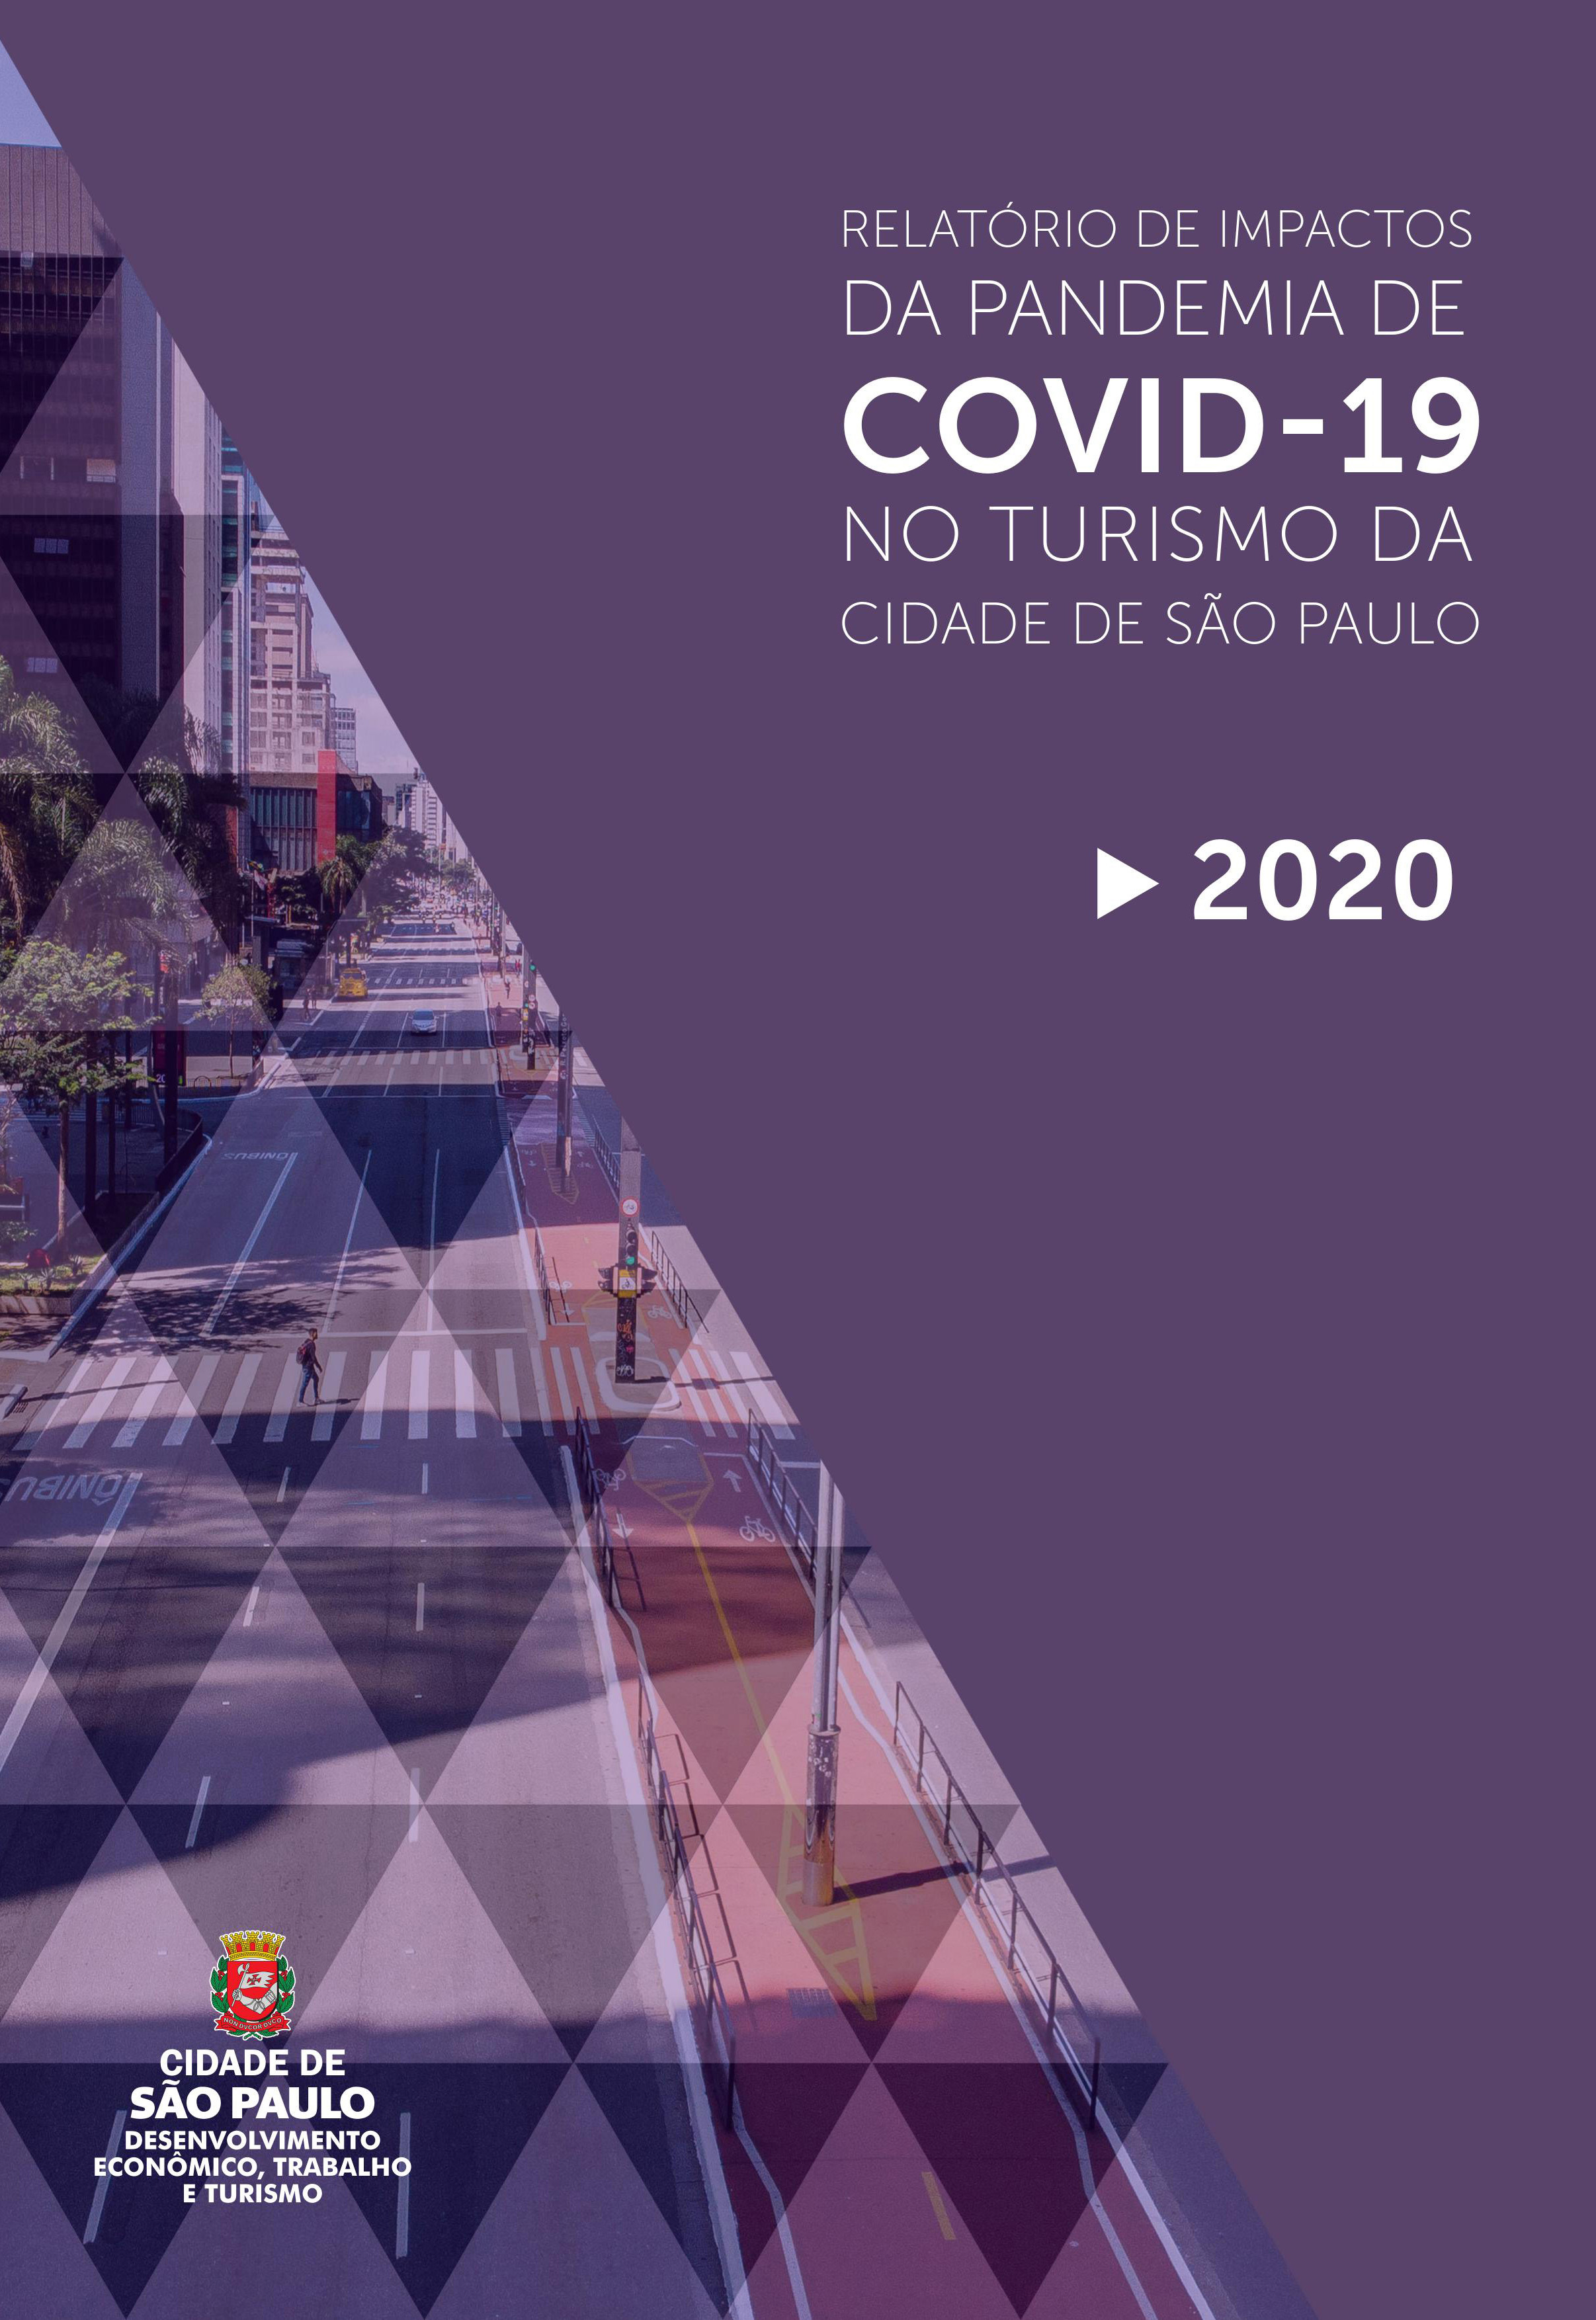 Relatório dos Impactos da Pandemia de Covid-19 no turismo da cidade de São Paulo 2020